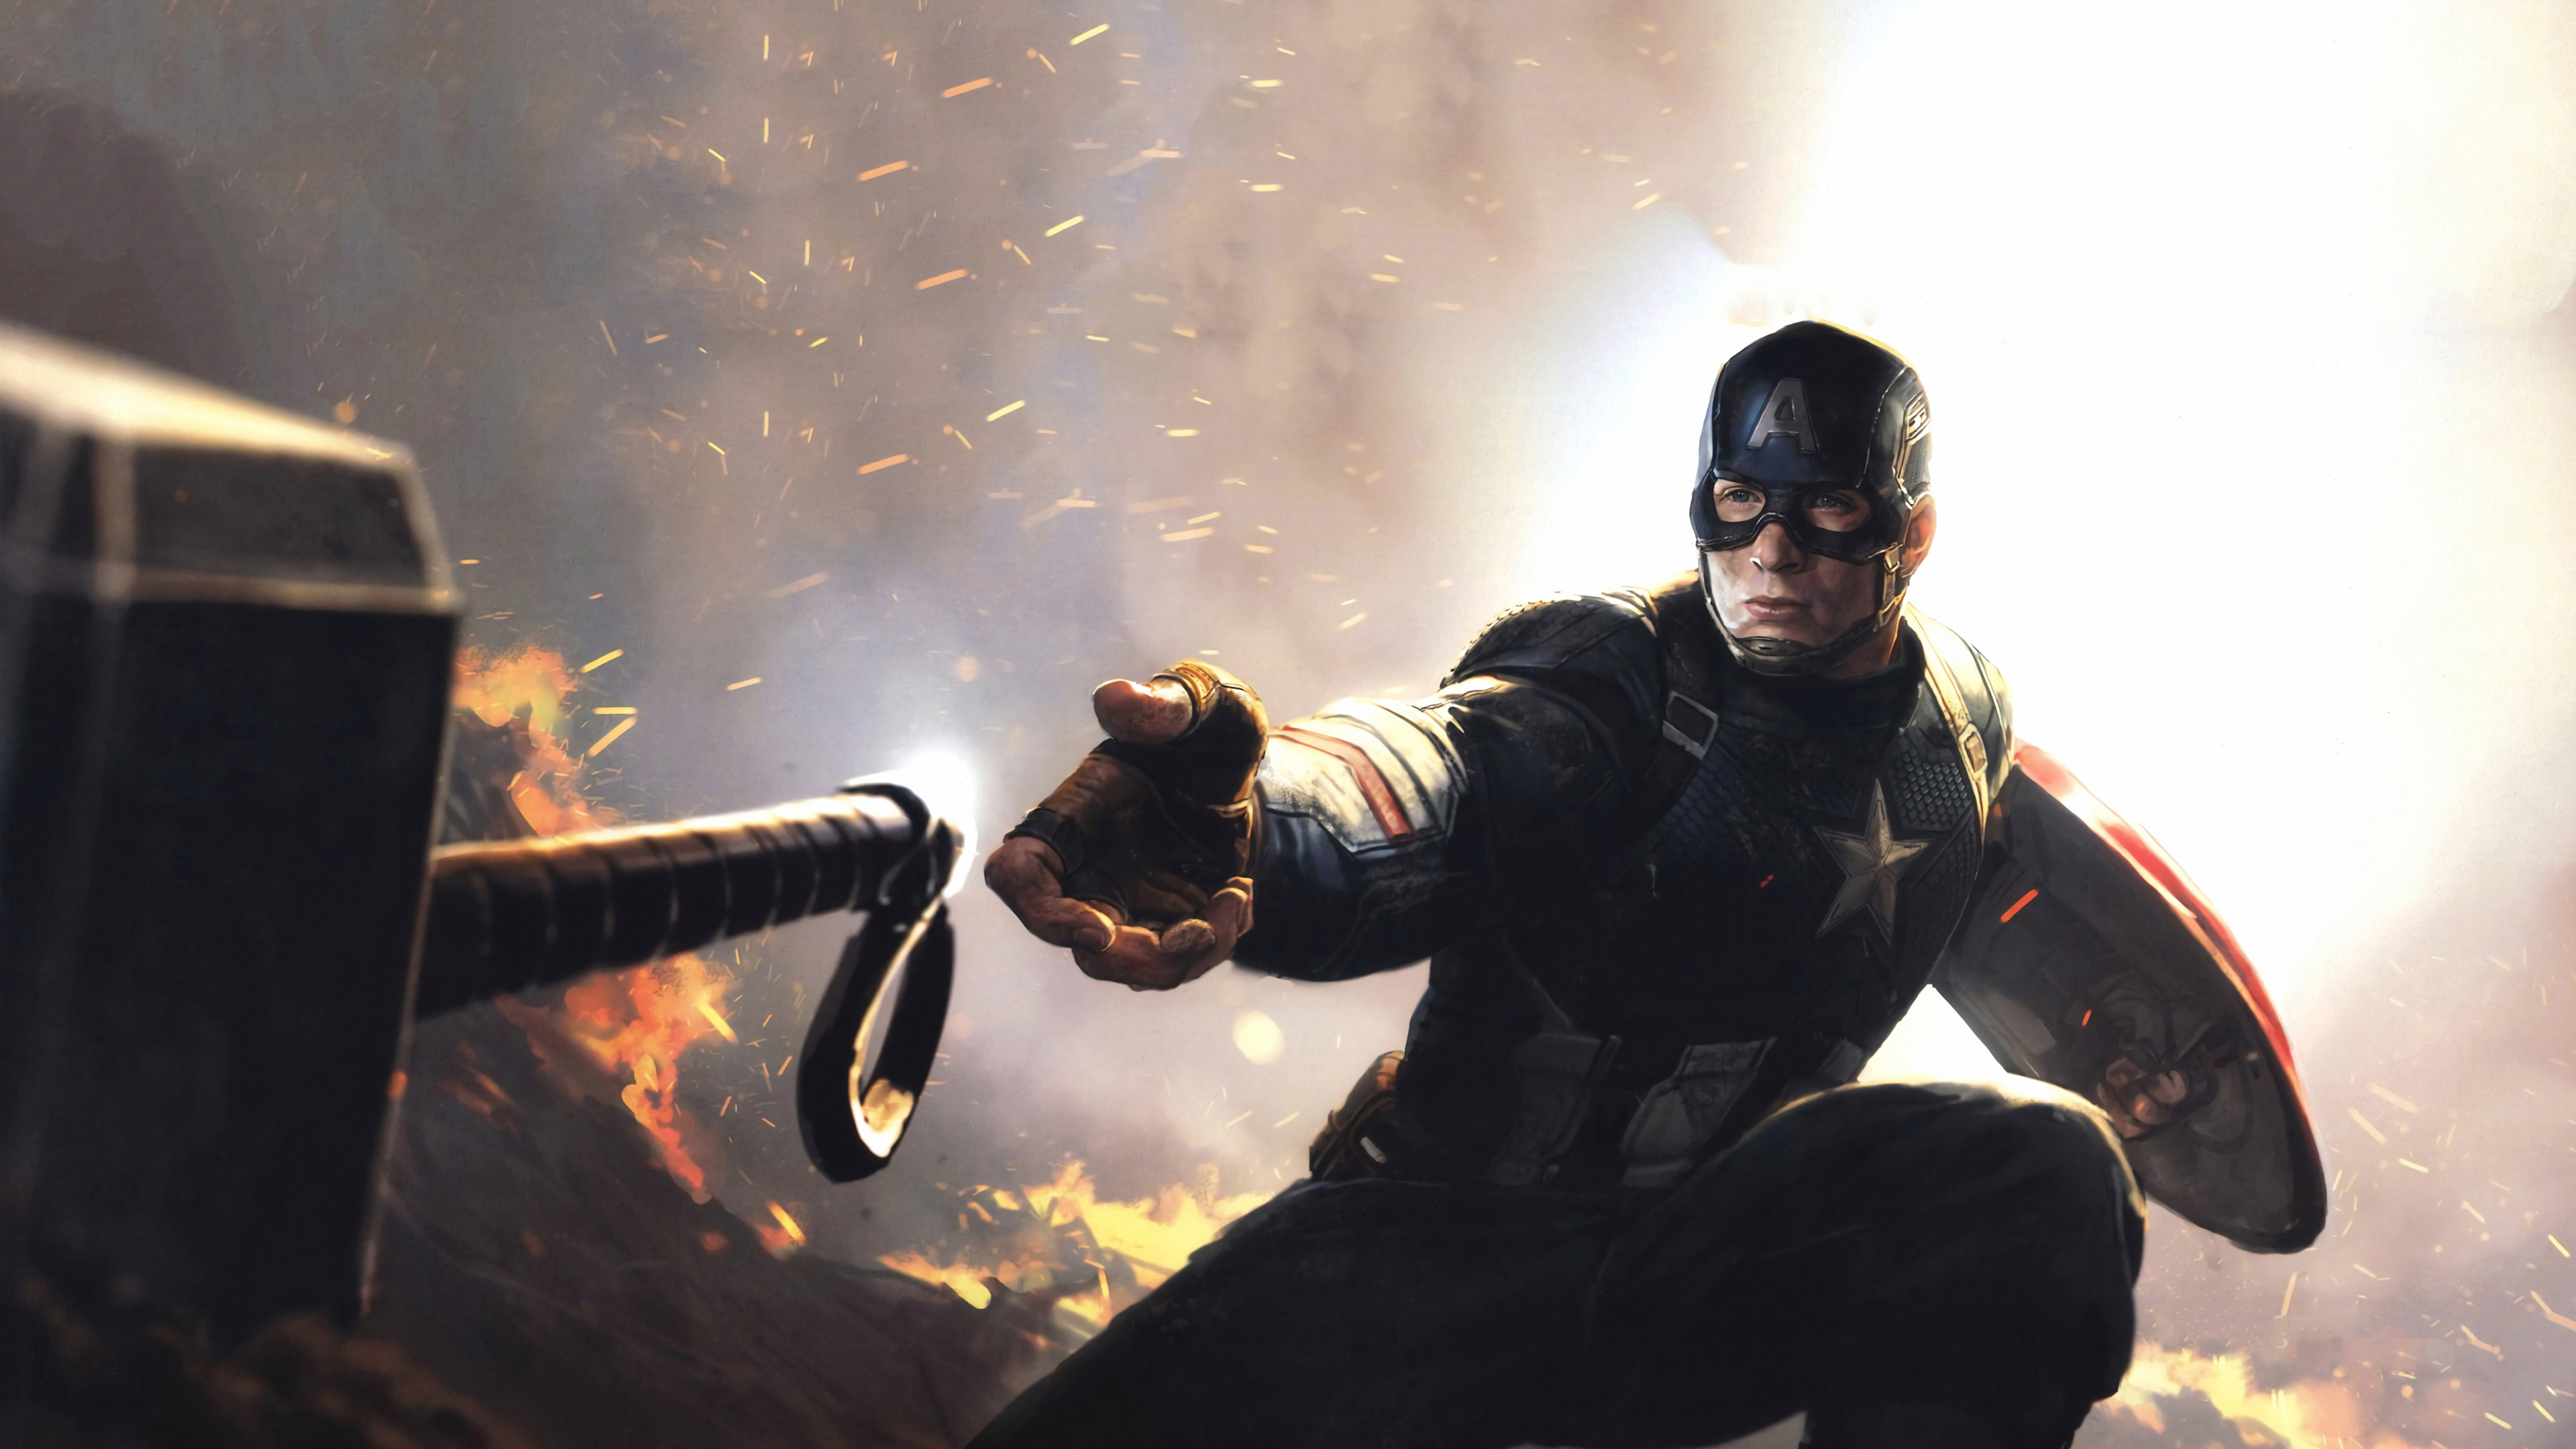 Fondos de pantalla Capitan America con martillo de Thor